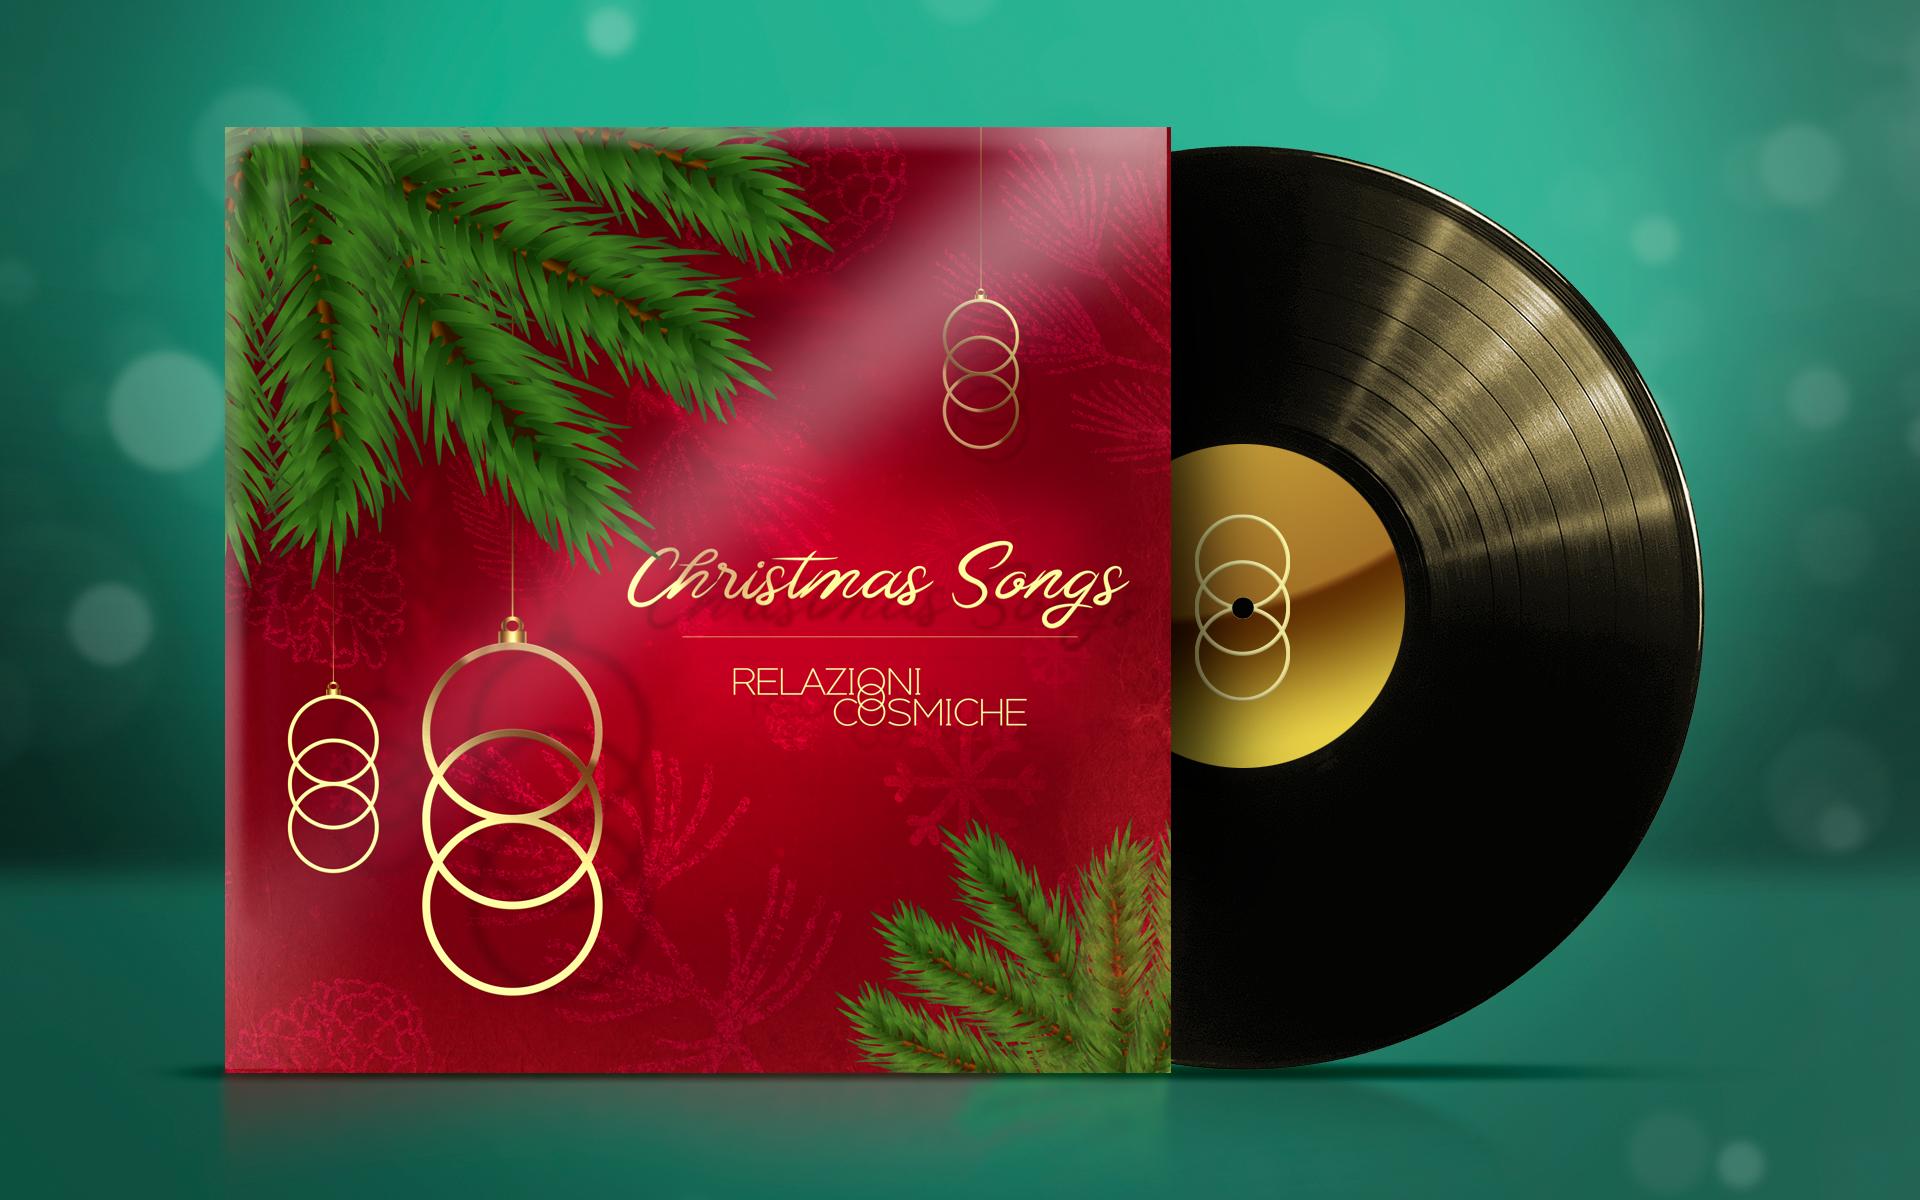 La musica delle feste – Natale 2020